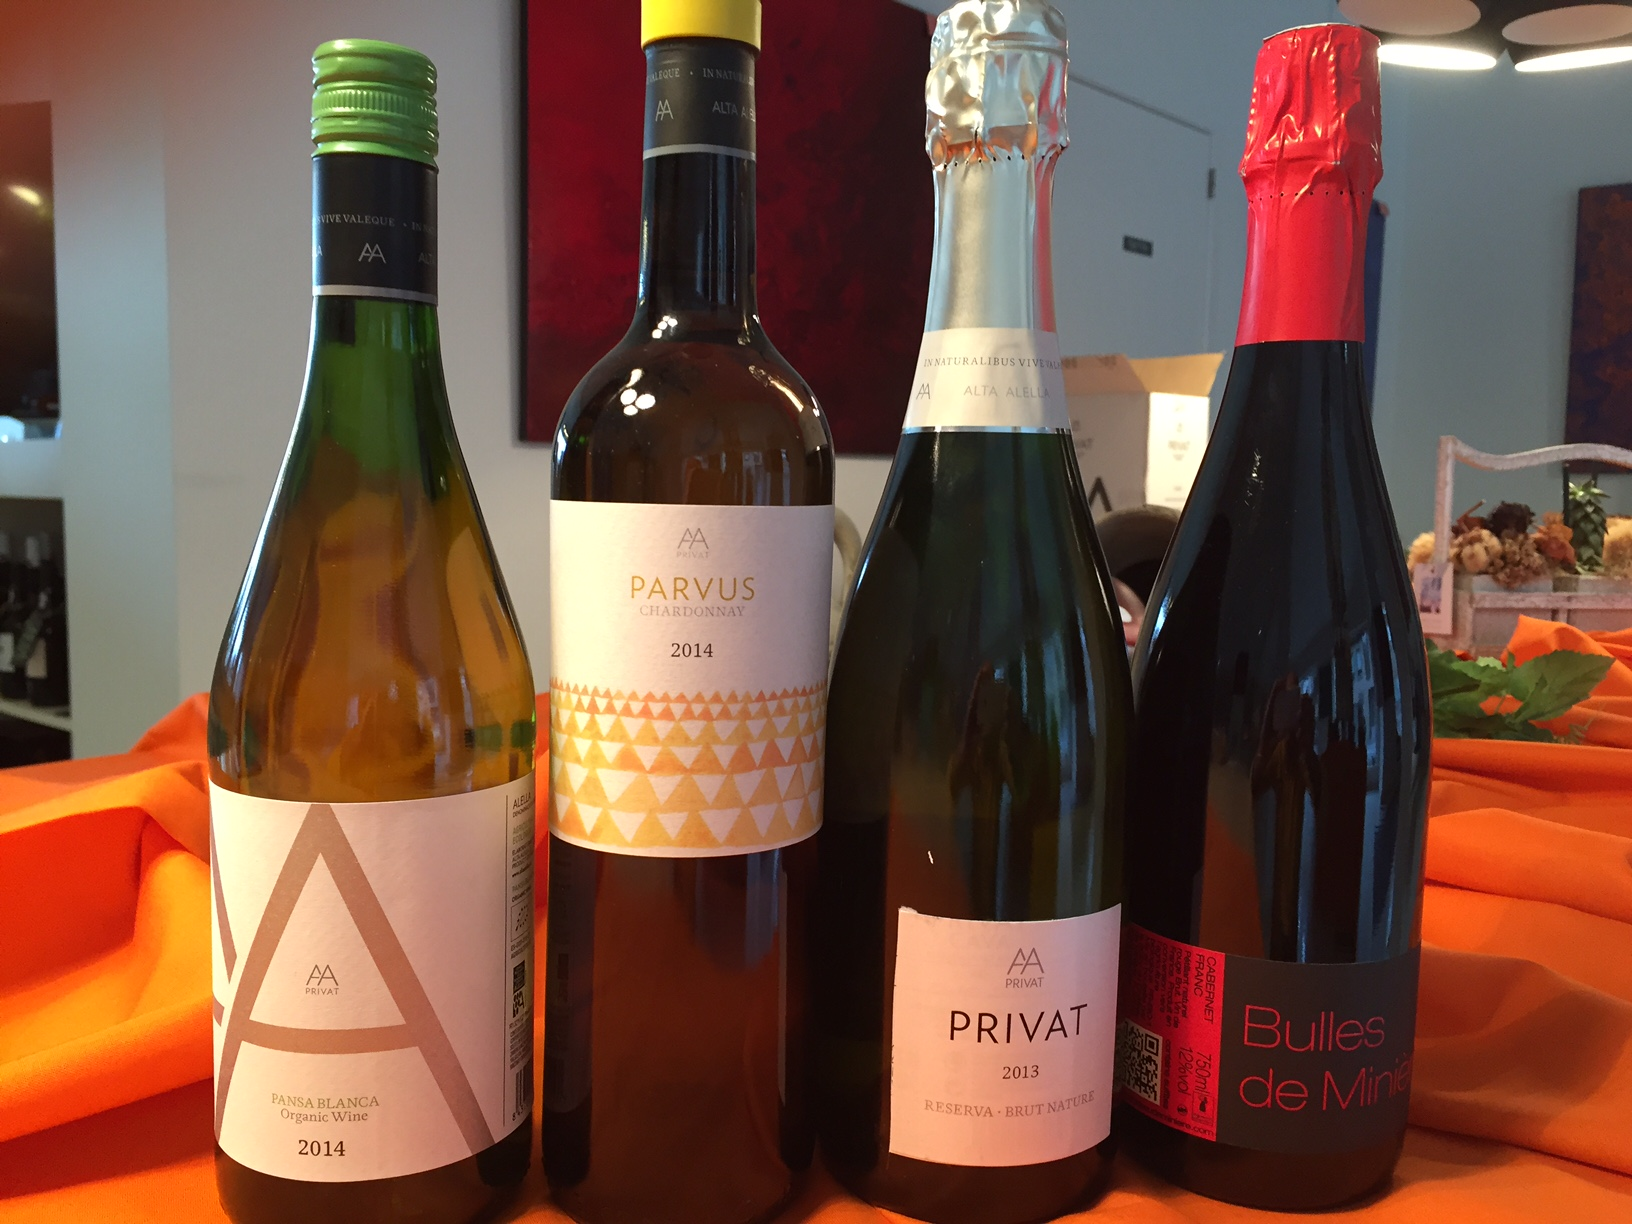 wijnhuis oinos selectie wijnkoopgids 2015